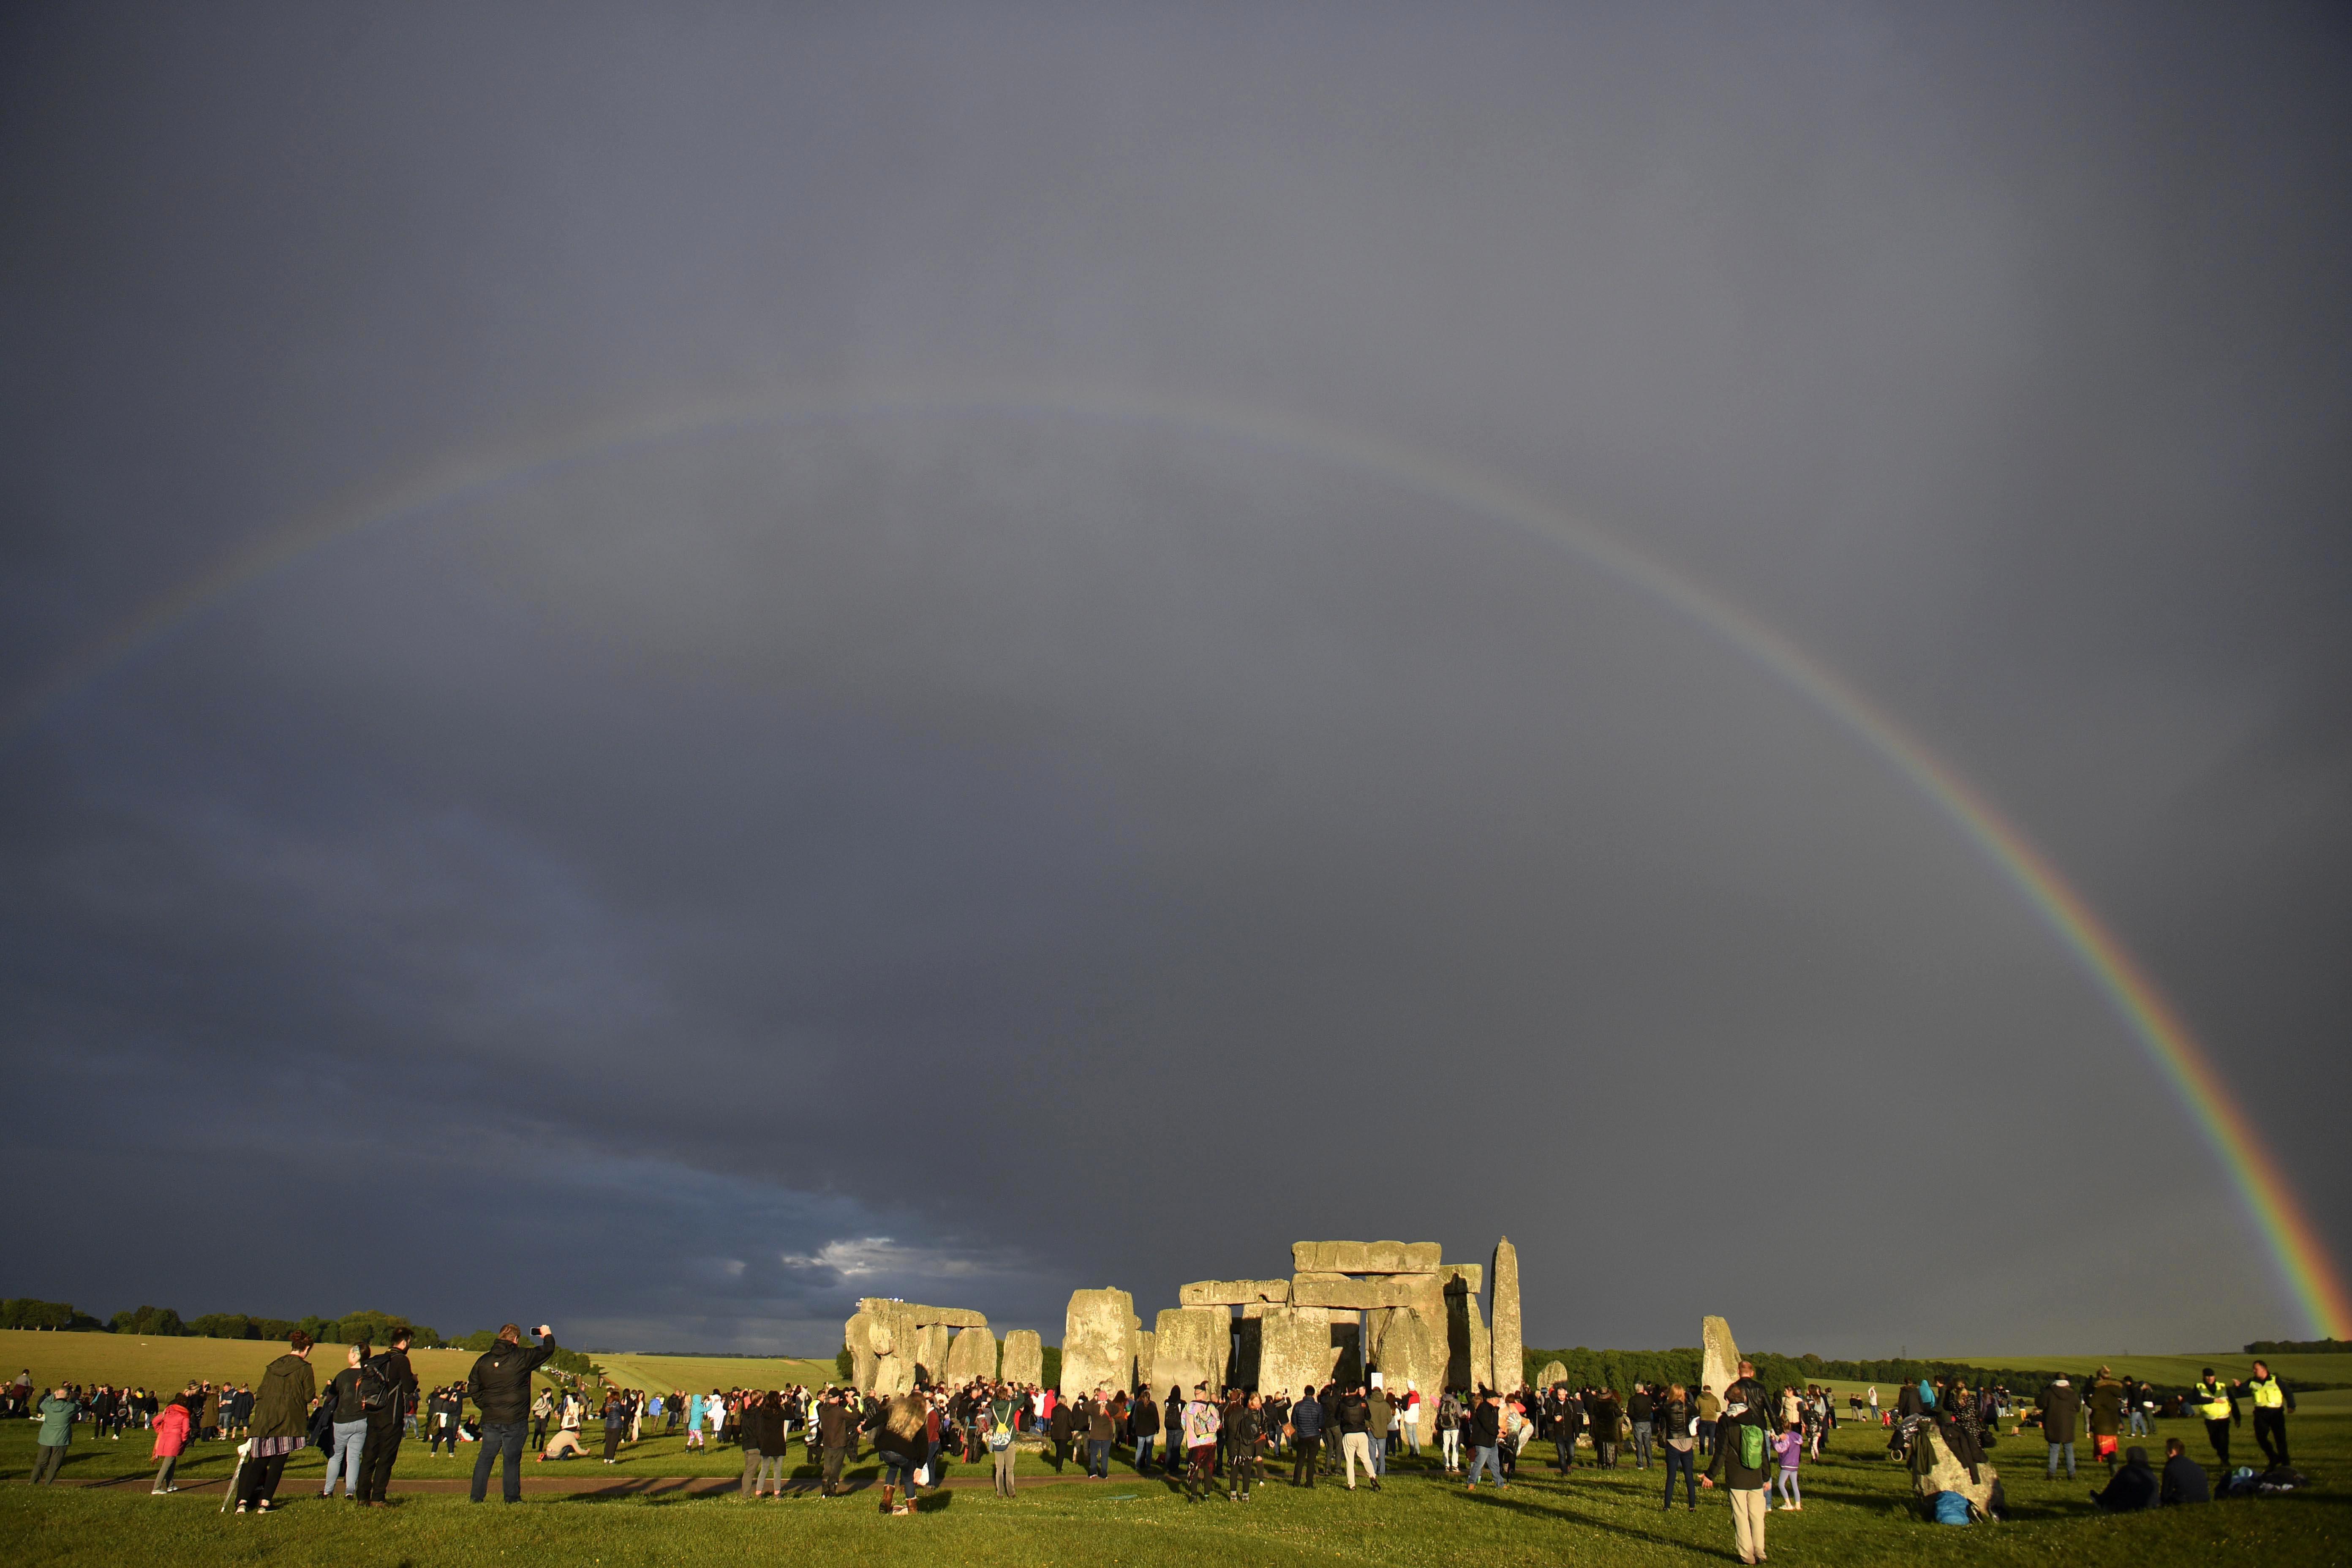 Een foto van een regenboog boven Stonehenge